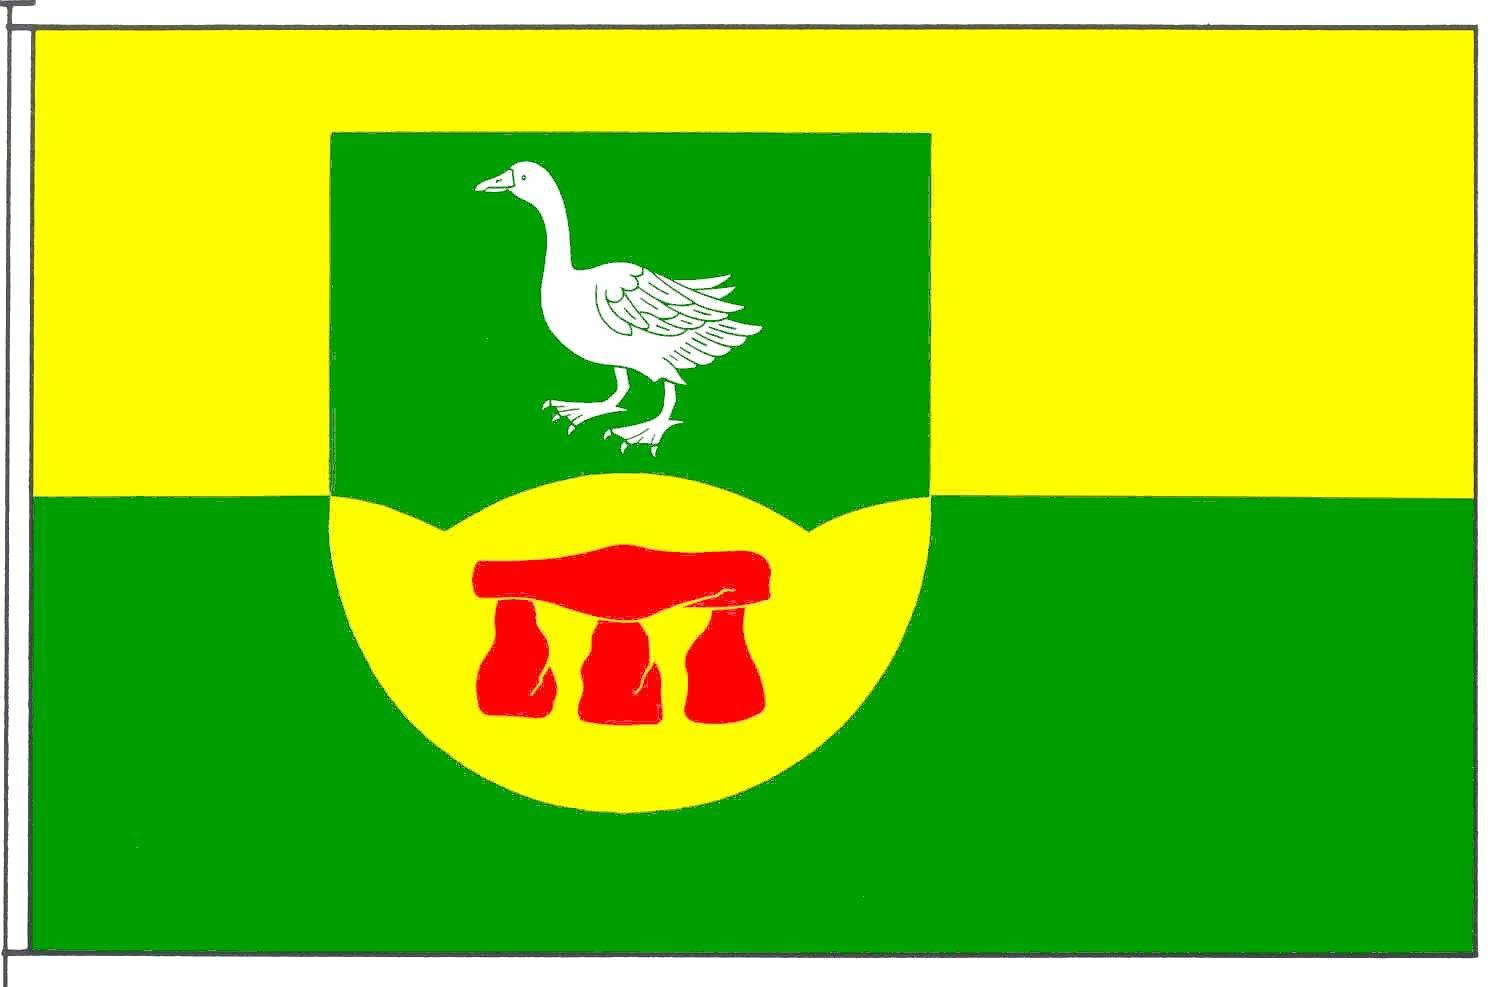 Flagge GemeindeGoosefeld, Kreis Rendsburg-Eckernförde